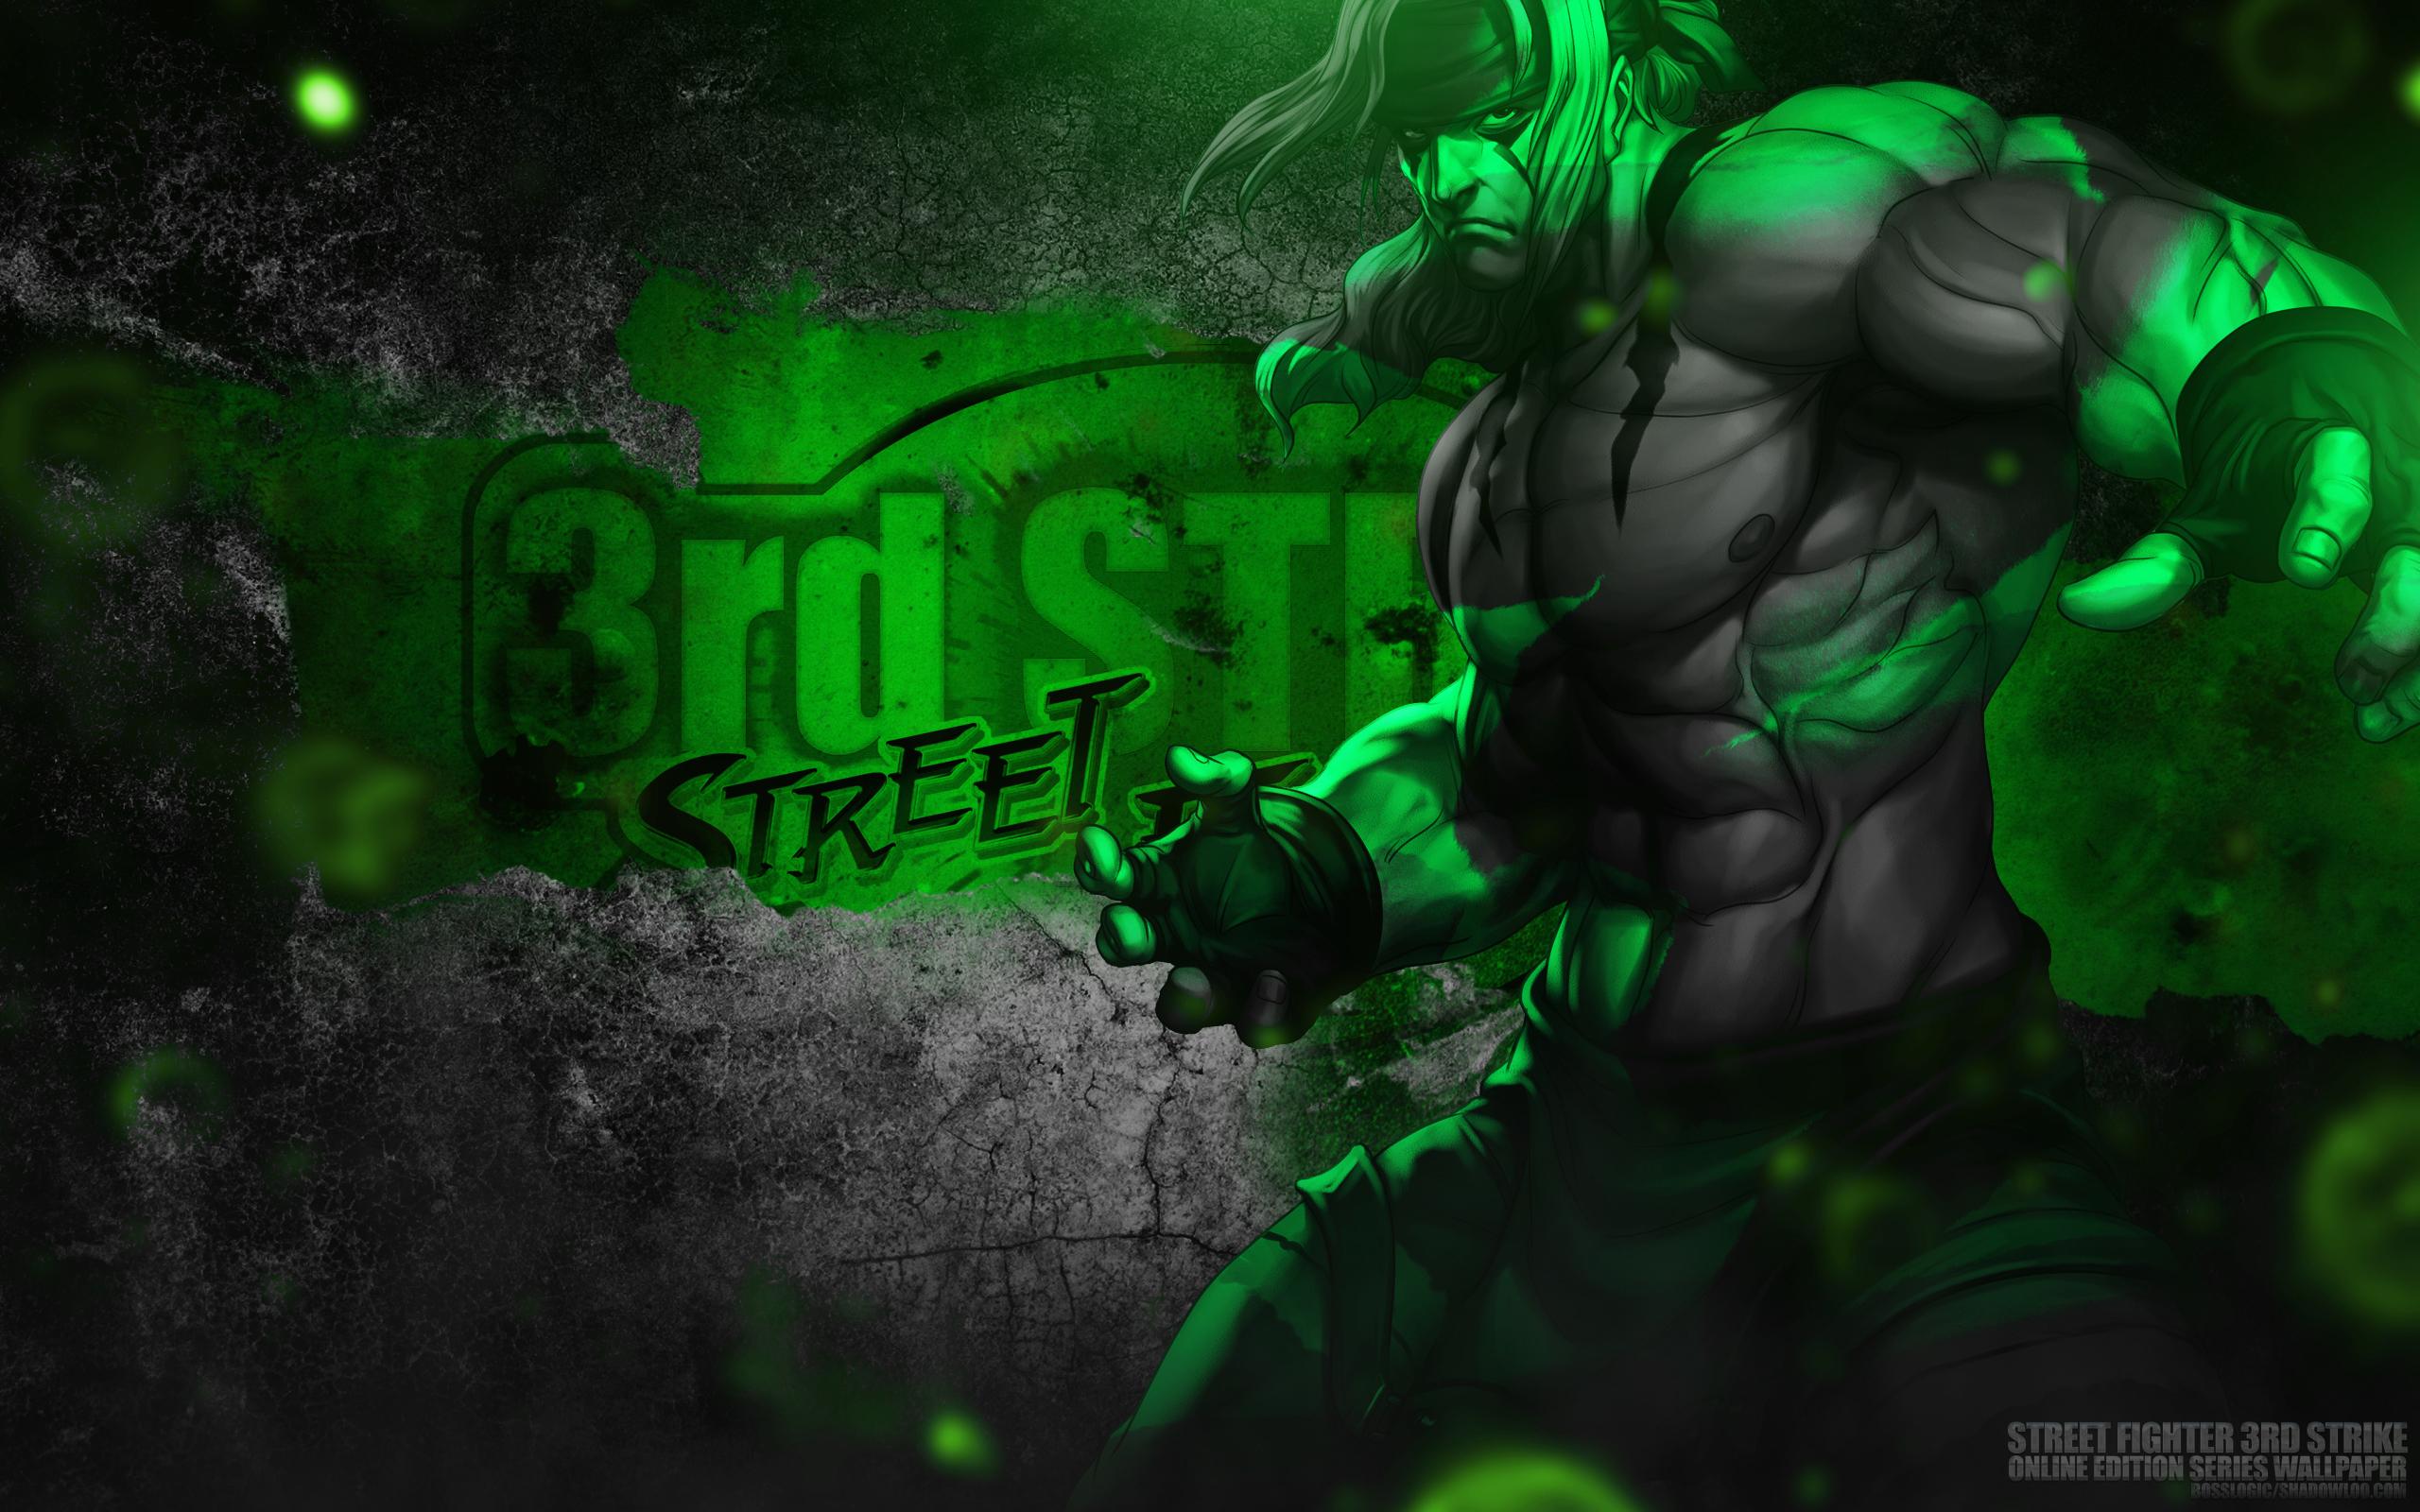 Art ID: 33054